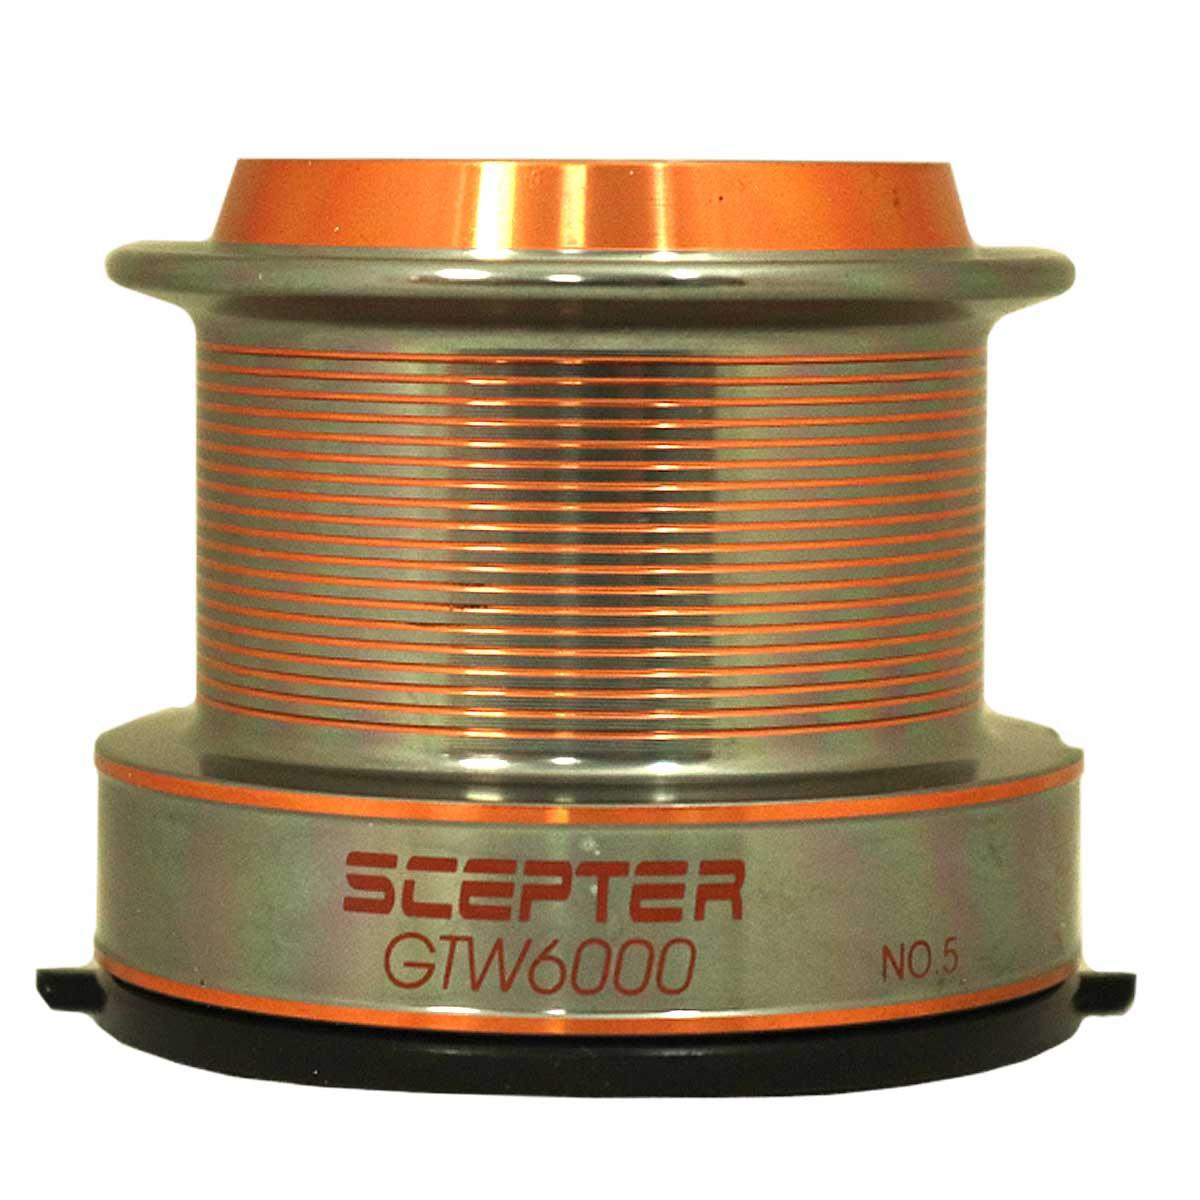 TICA Scepter GTW6000FD